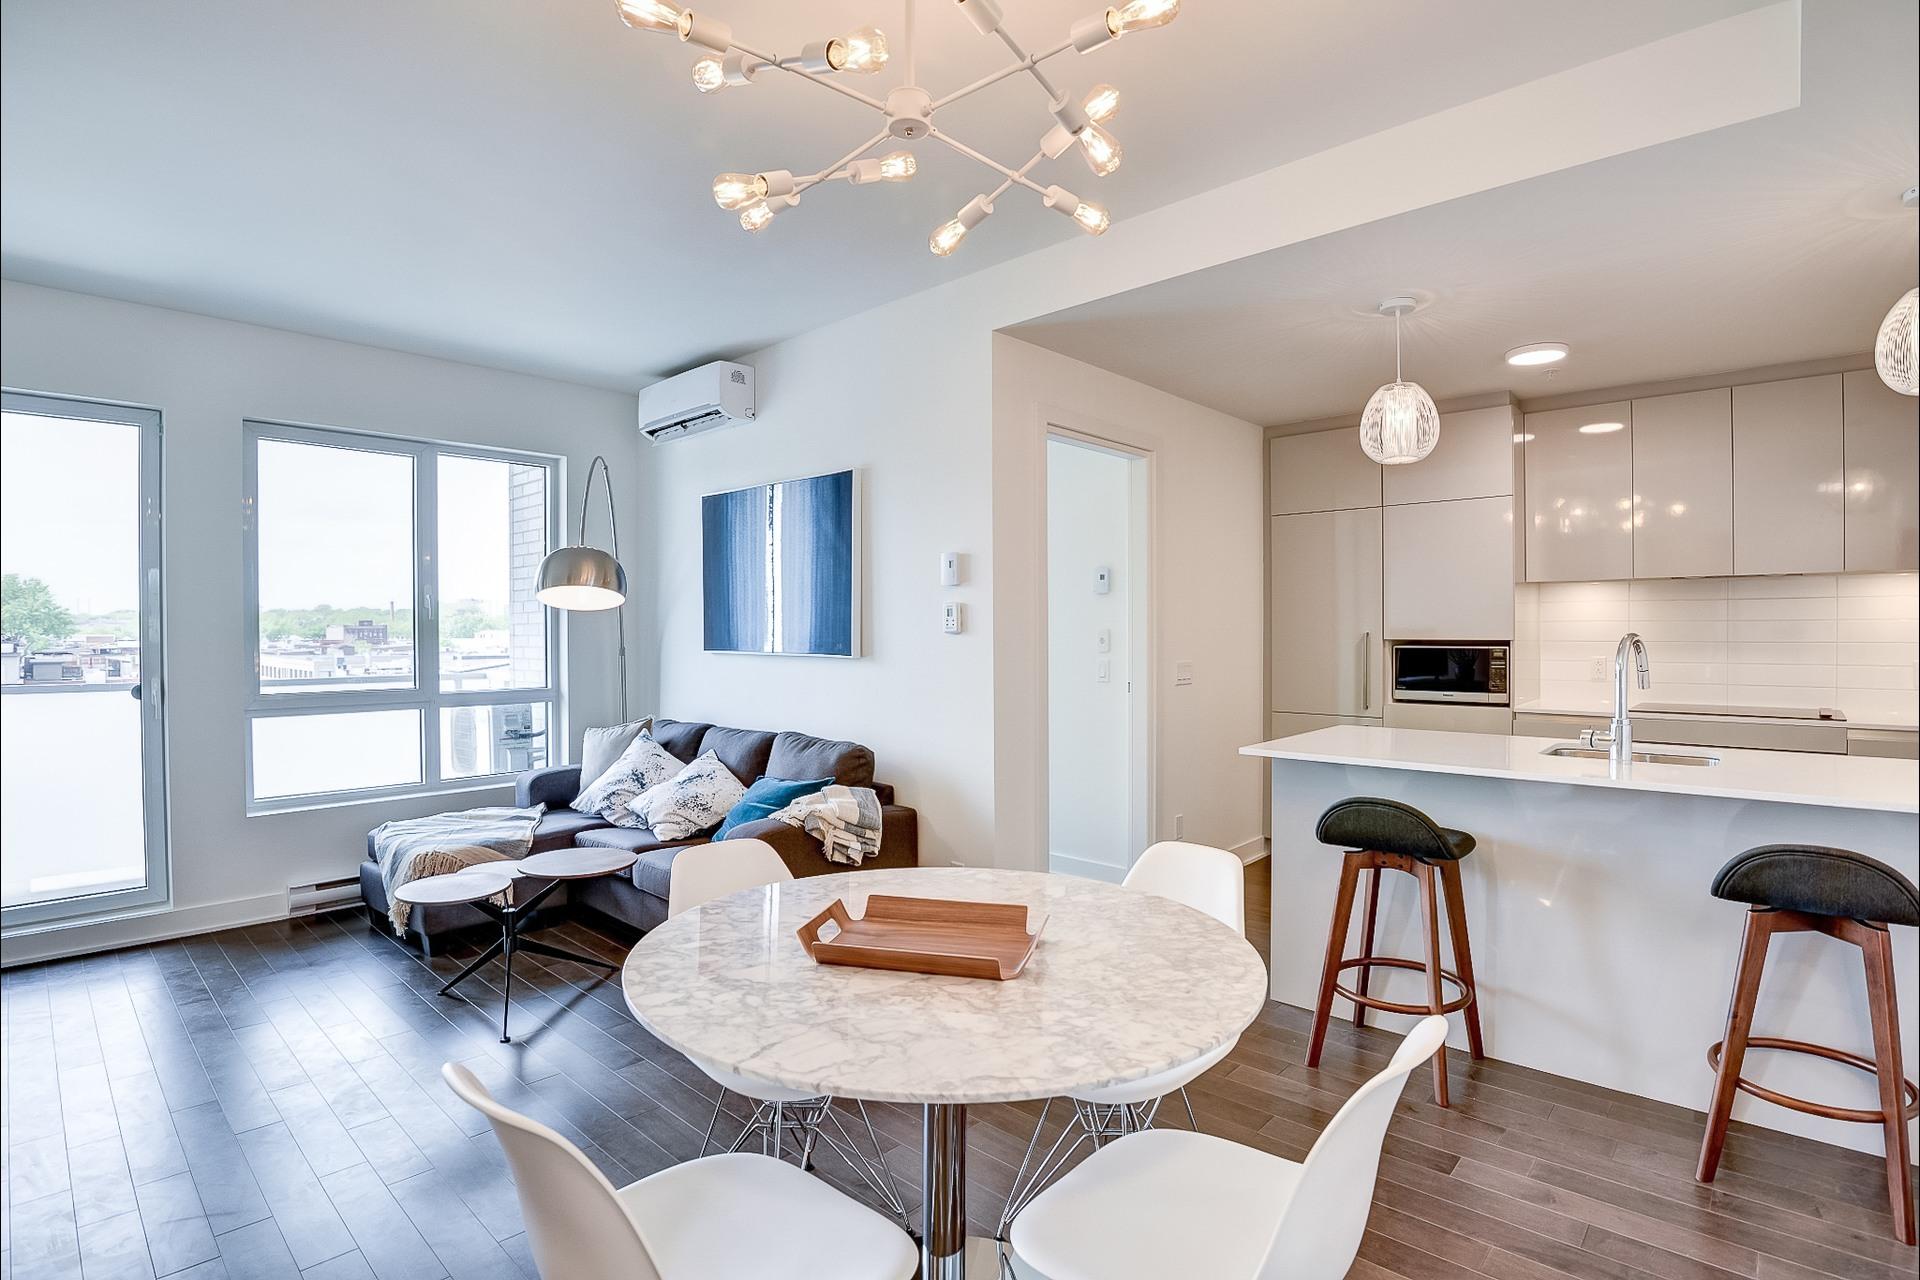 image 11 - MX - Condominio vertical - MX Para alquiler Montréal - 4 habitaciones